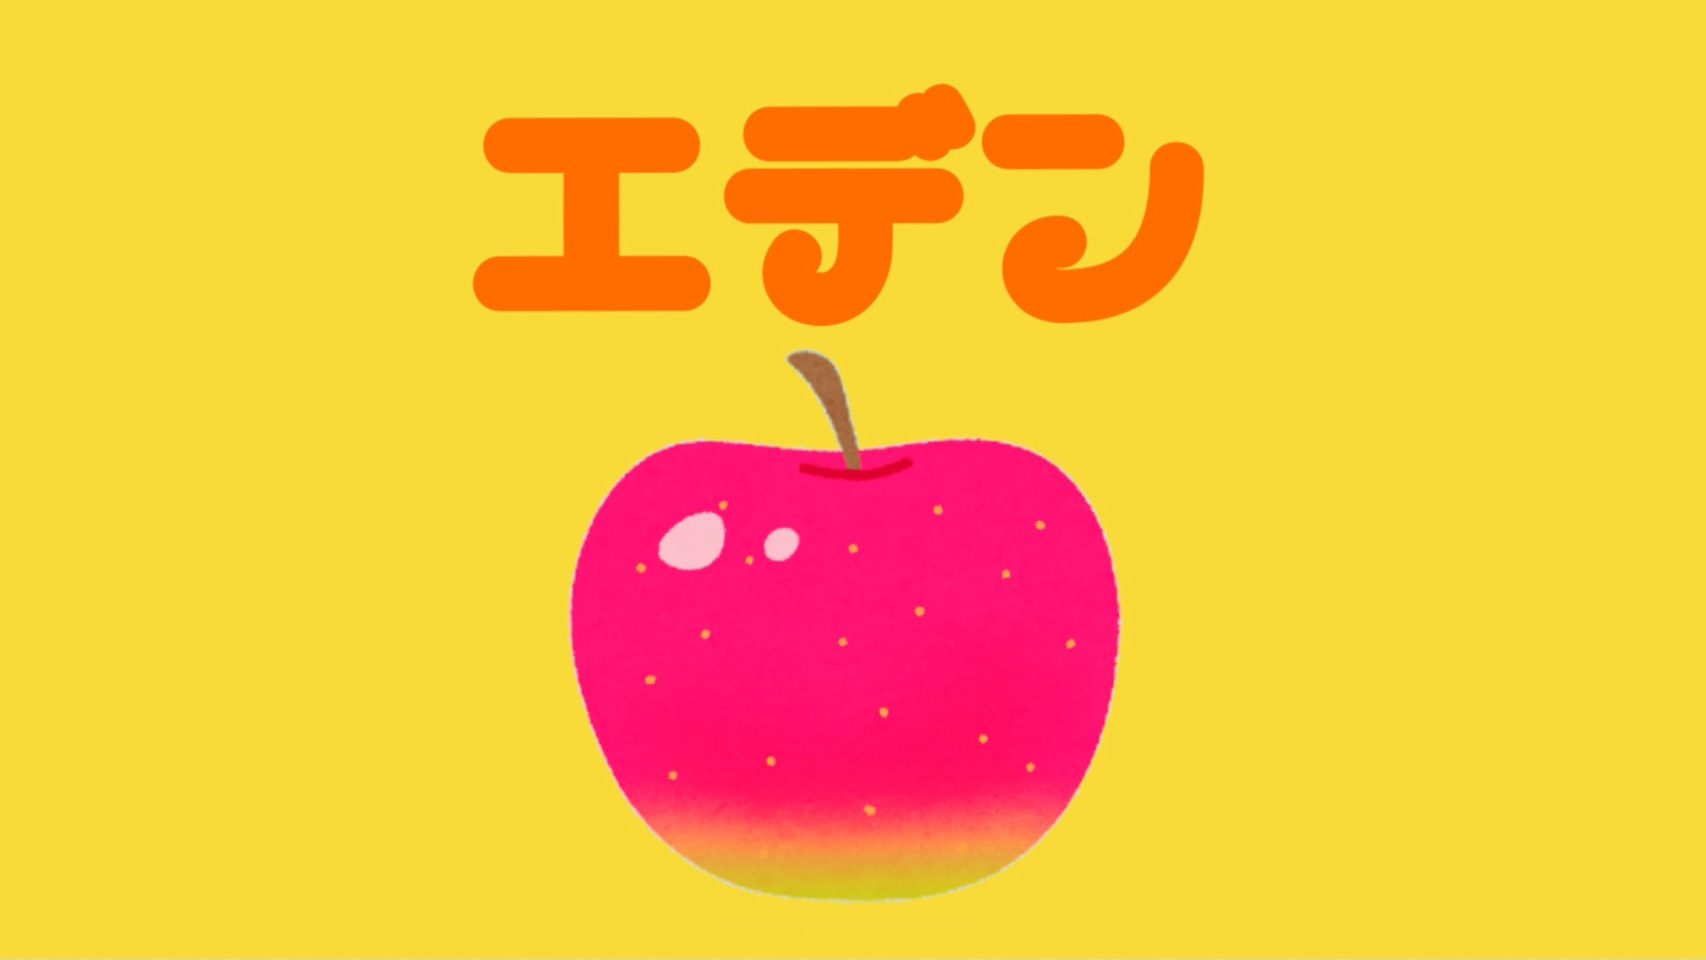 「エデン」のイメージ